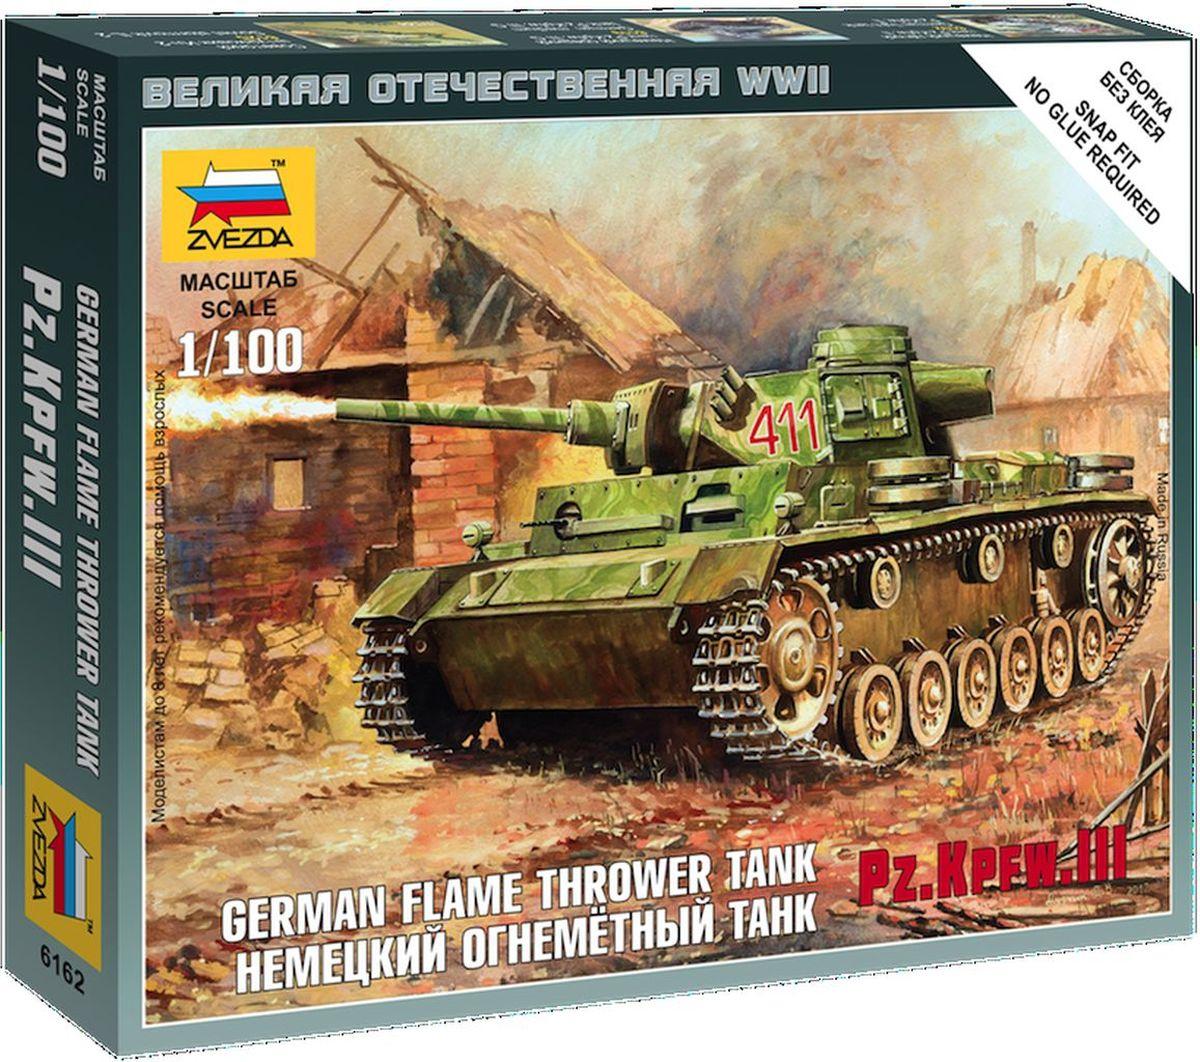 Звезда Сборная модель Немецкий огнеметный танк Pz Kpfw III